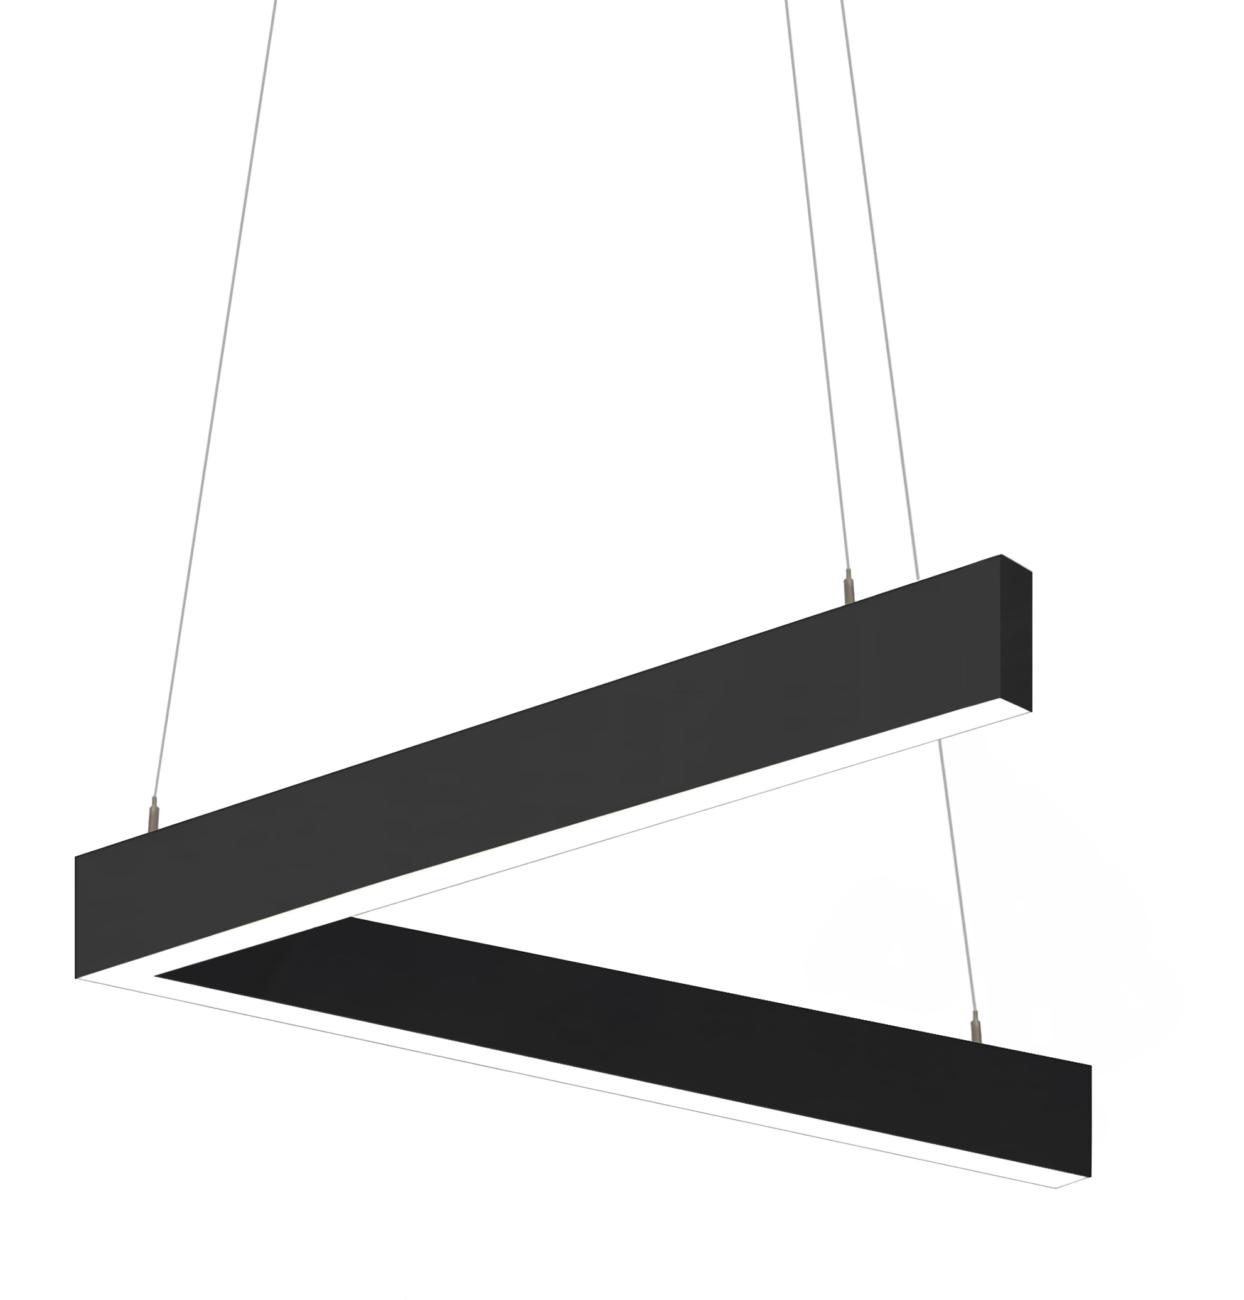 Светильник Style-3567. 1000×1000мм. 4000К/3000К. 34W/72W купить в Санкт-Петербурге